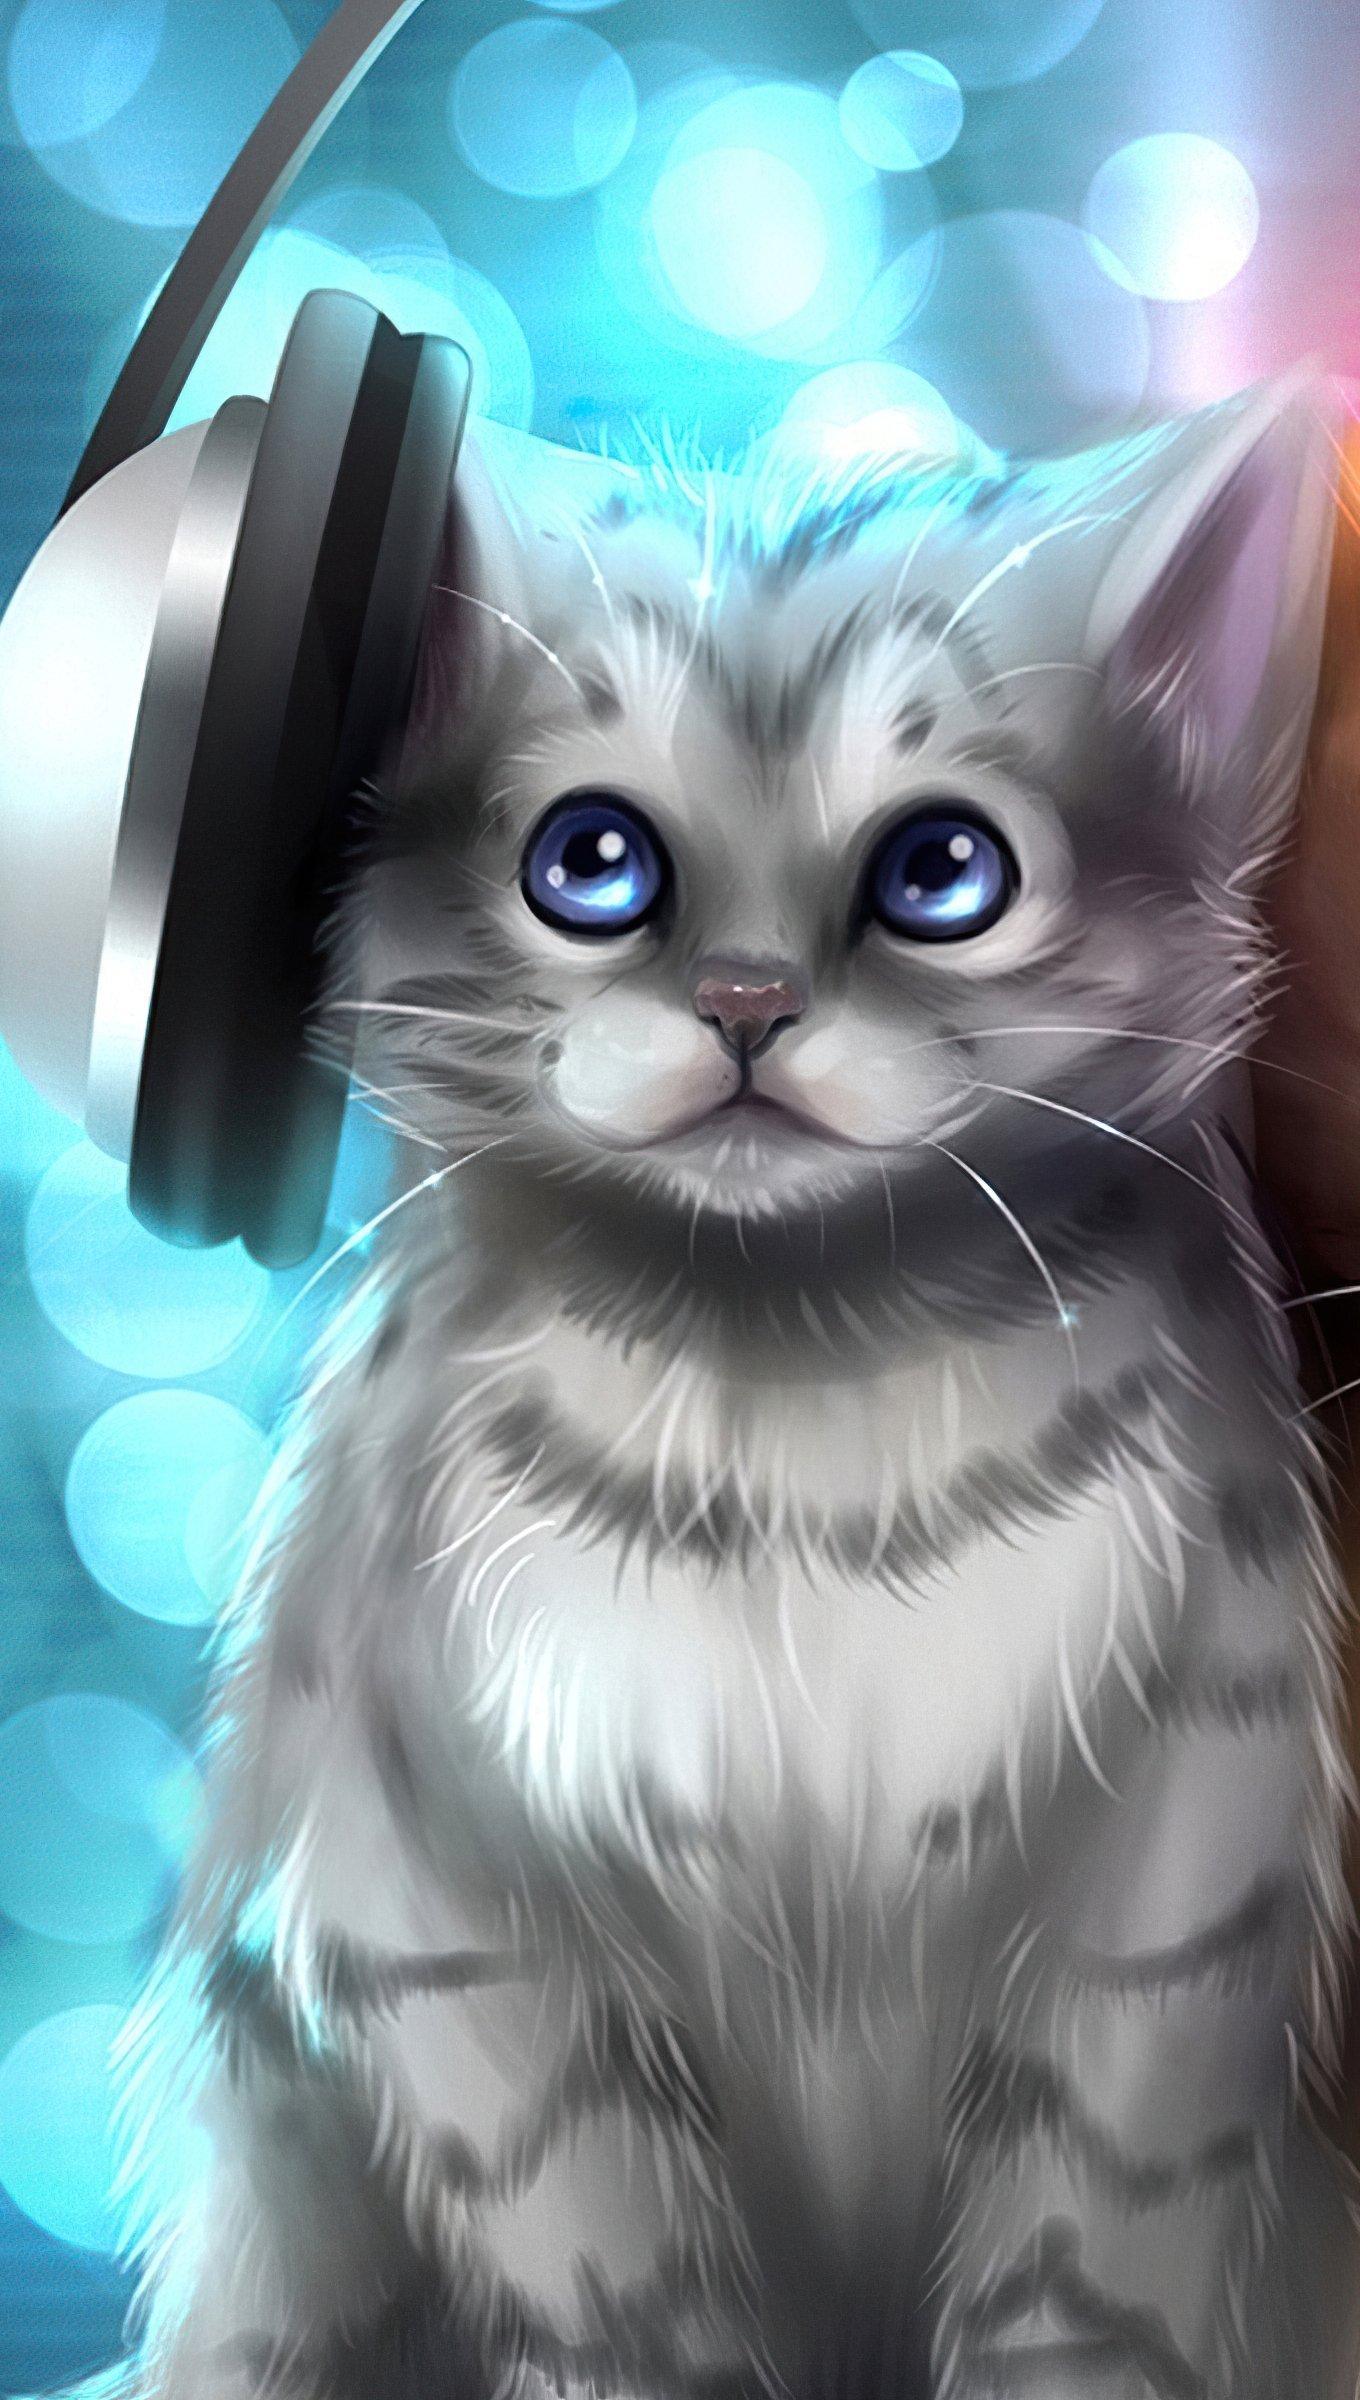 Fondos de pantalla Gatitos escuchando música Vertical